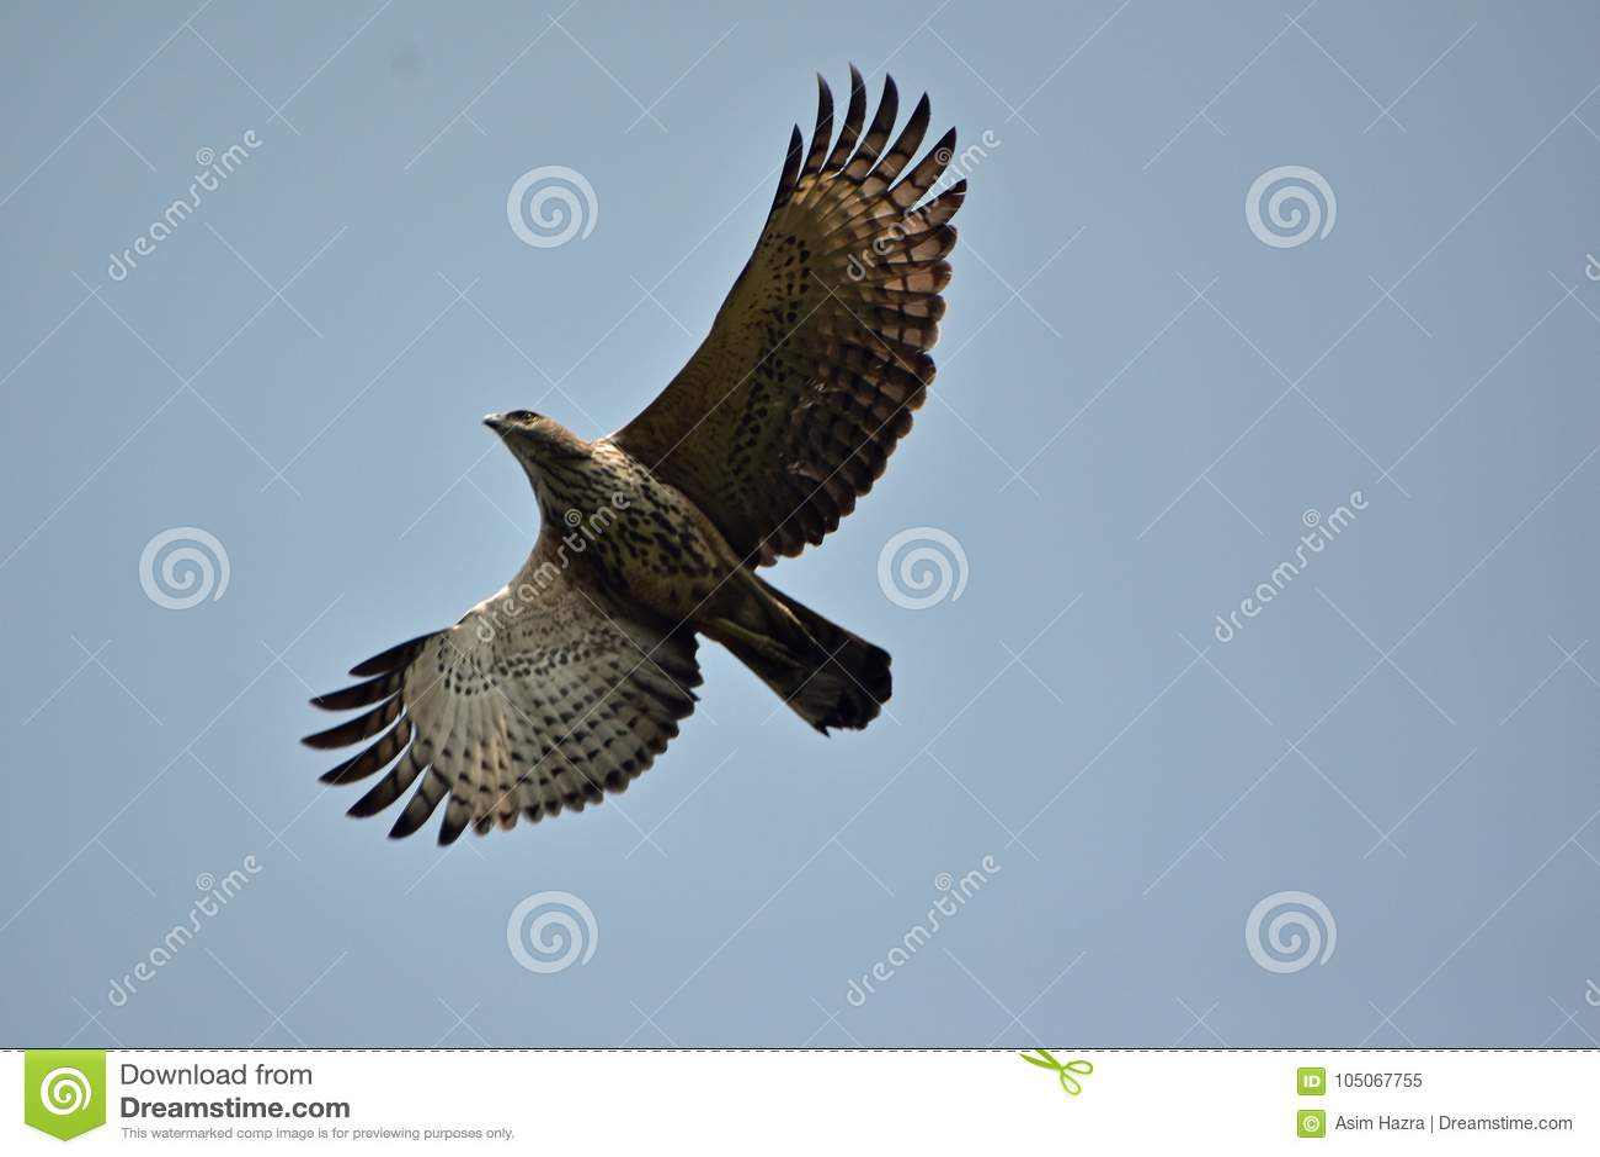 Oriental honey buzzard in flight